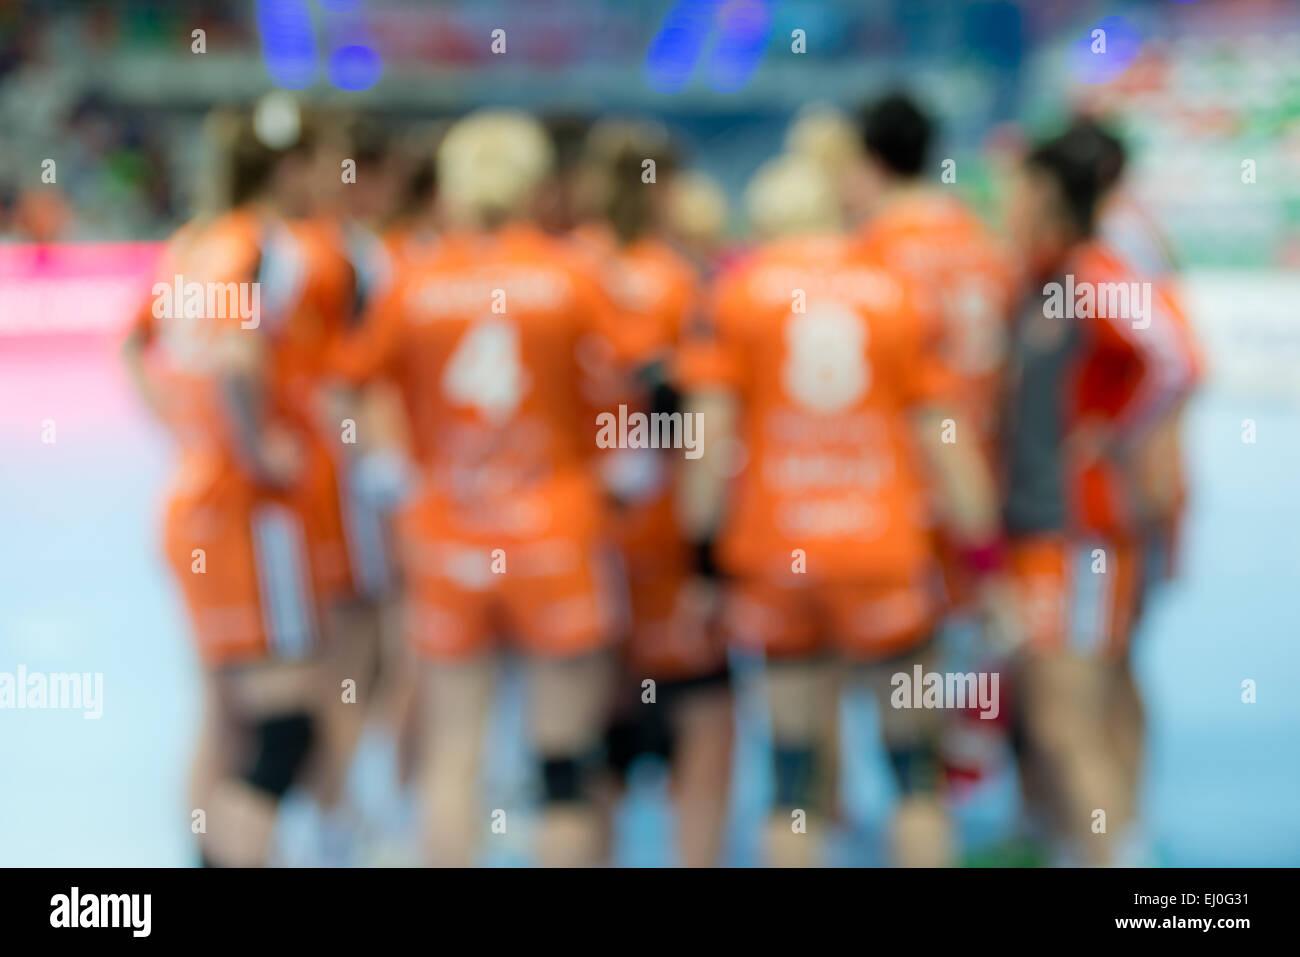 Blurred women handball team. - Stock Image